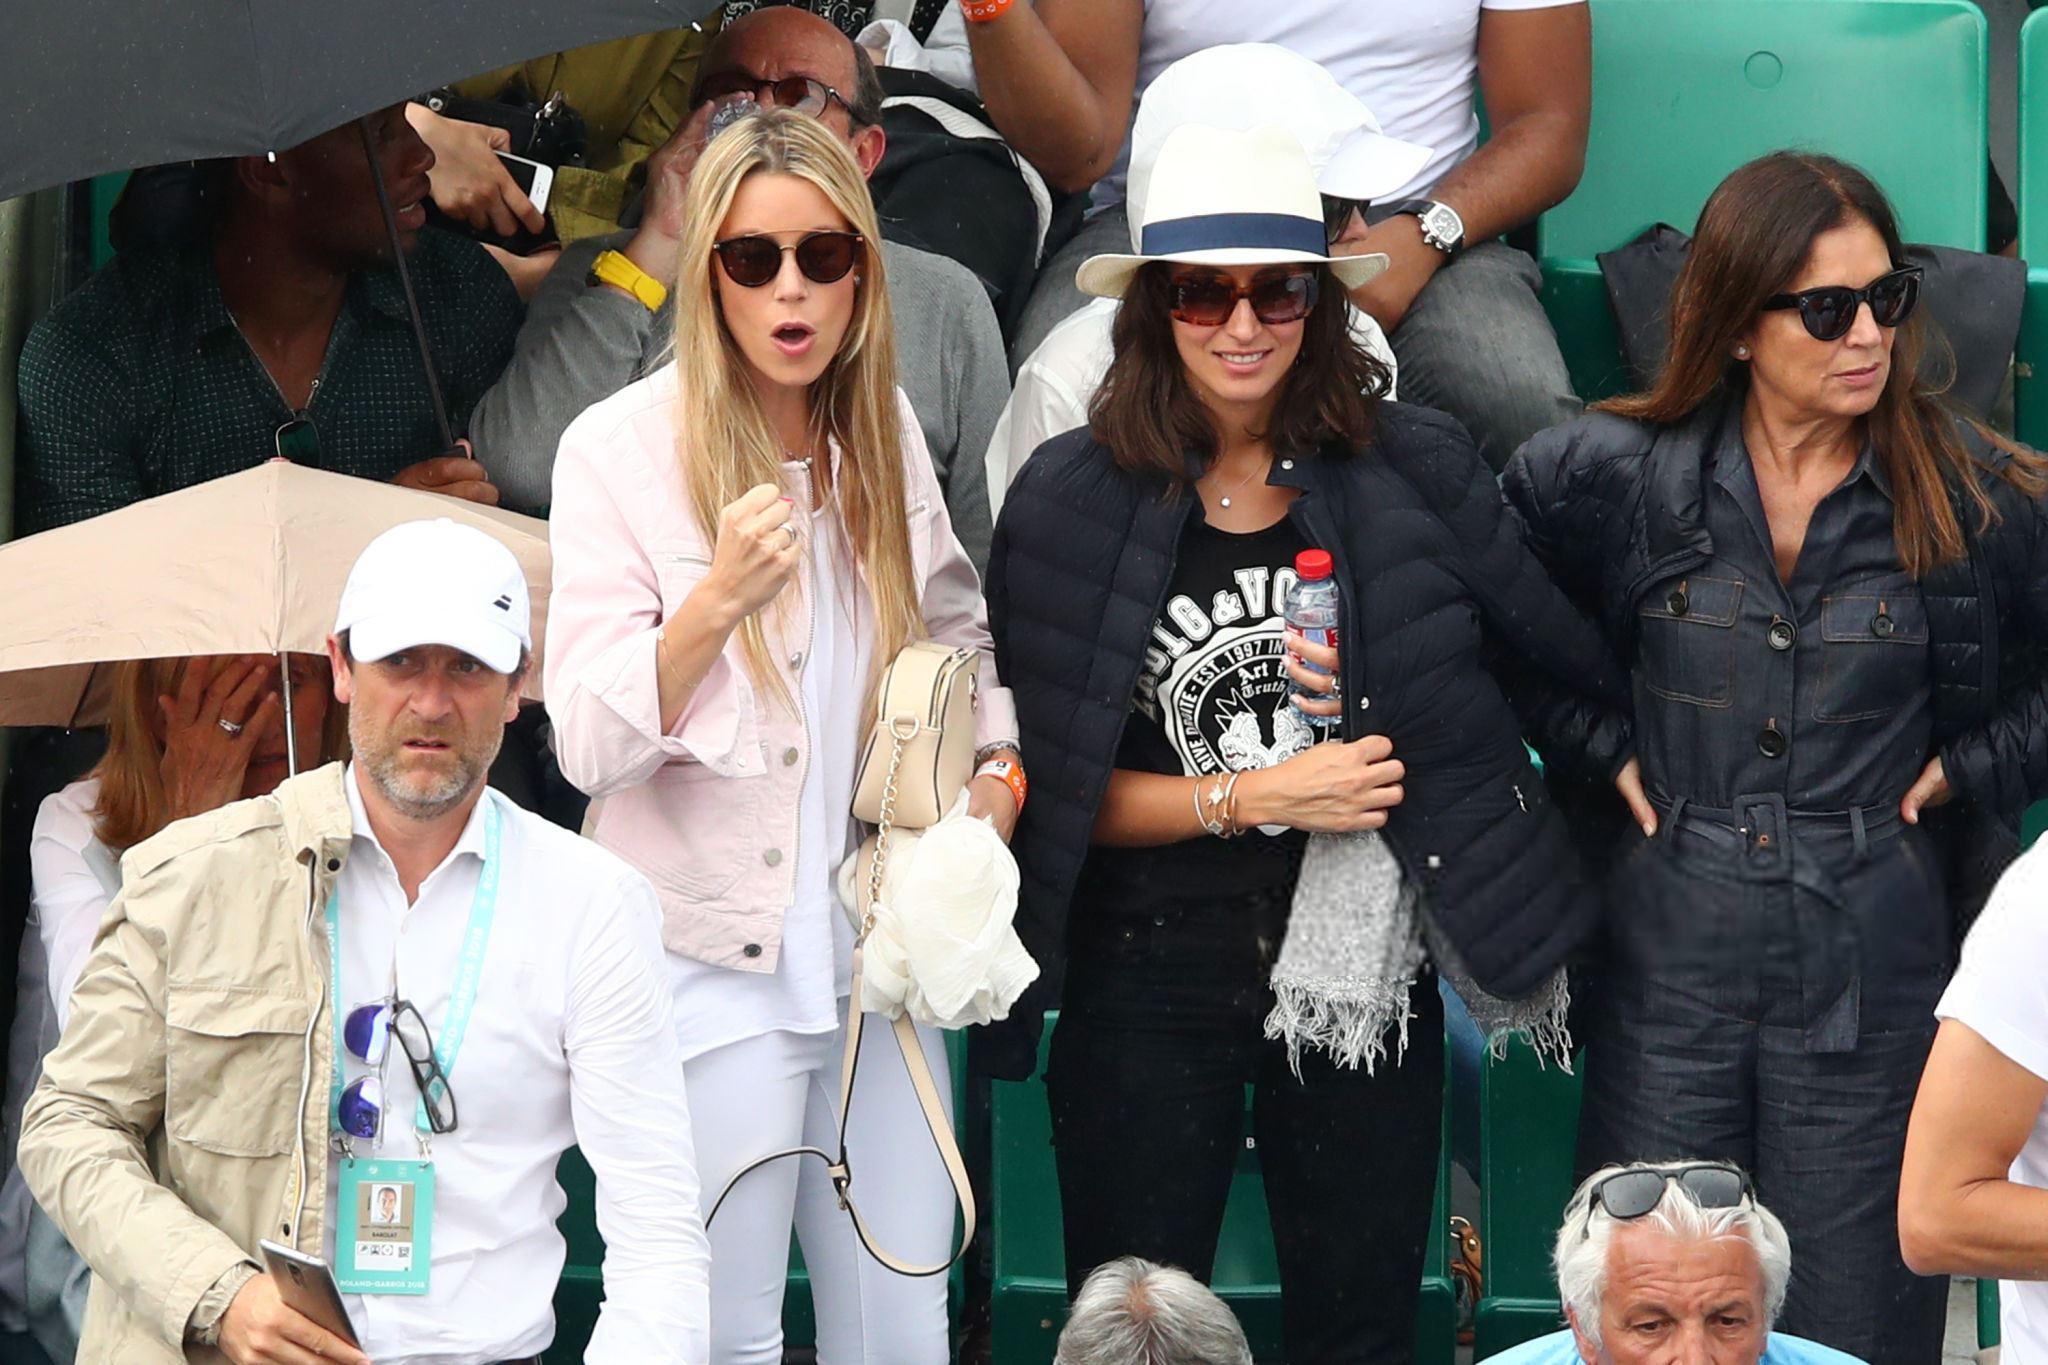 Rafael Nadal Girlfriend Maria Francisca Perello And Sister Maria Isabel Cheer On Rafa At Roland Garros Qf 2018 Rafael Nadal Fans